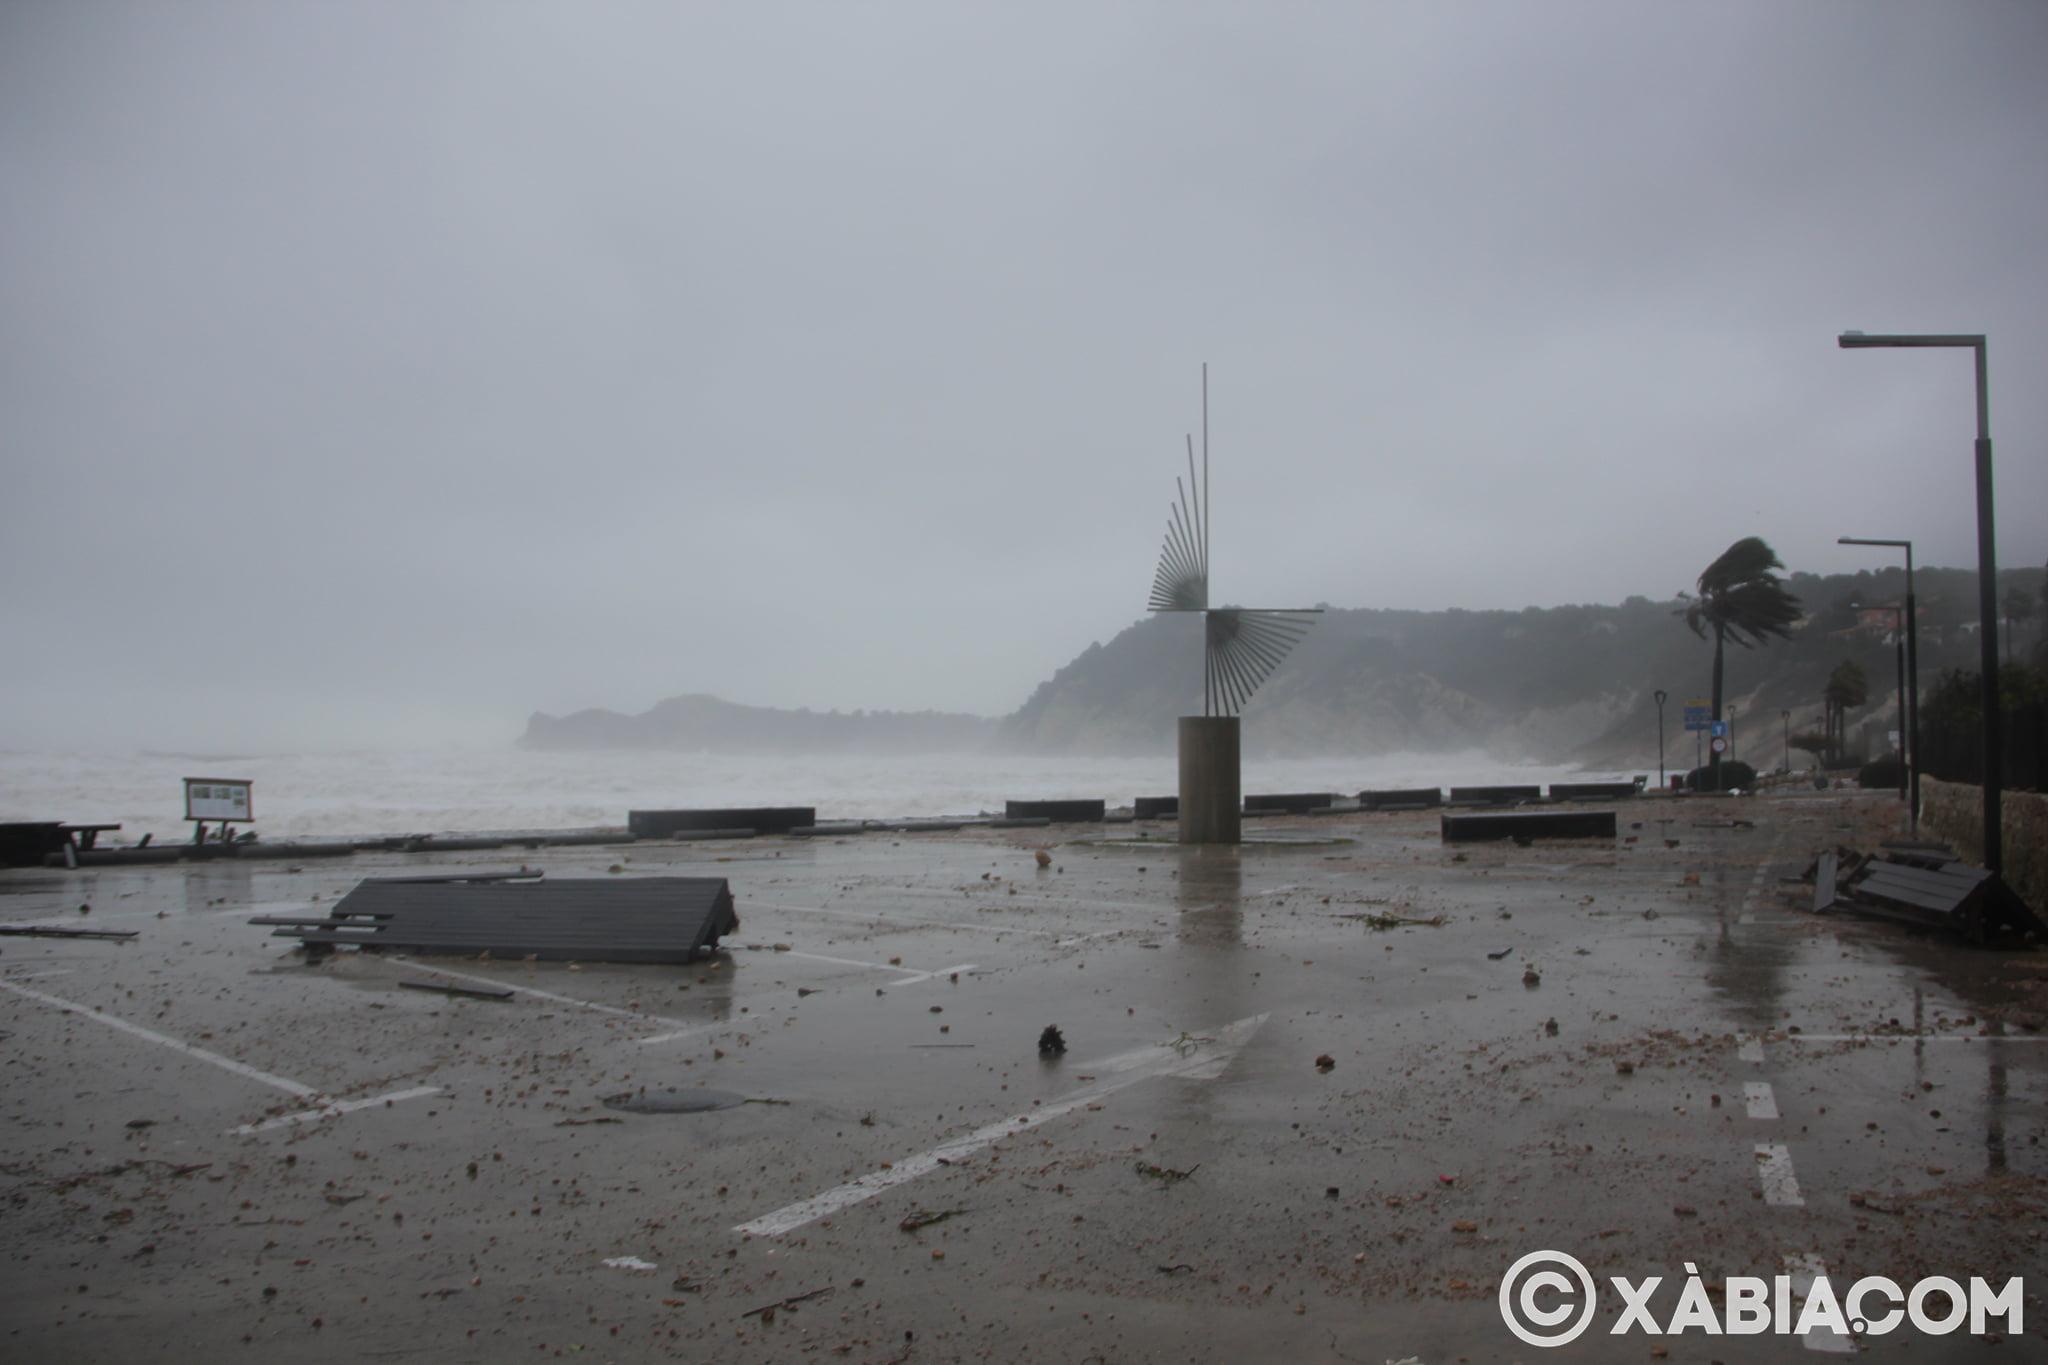 Brandelli di pioggia, vento e mare in Xàbia (6)